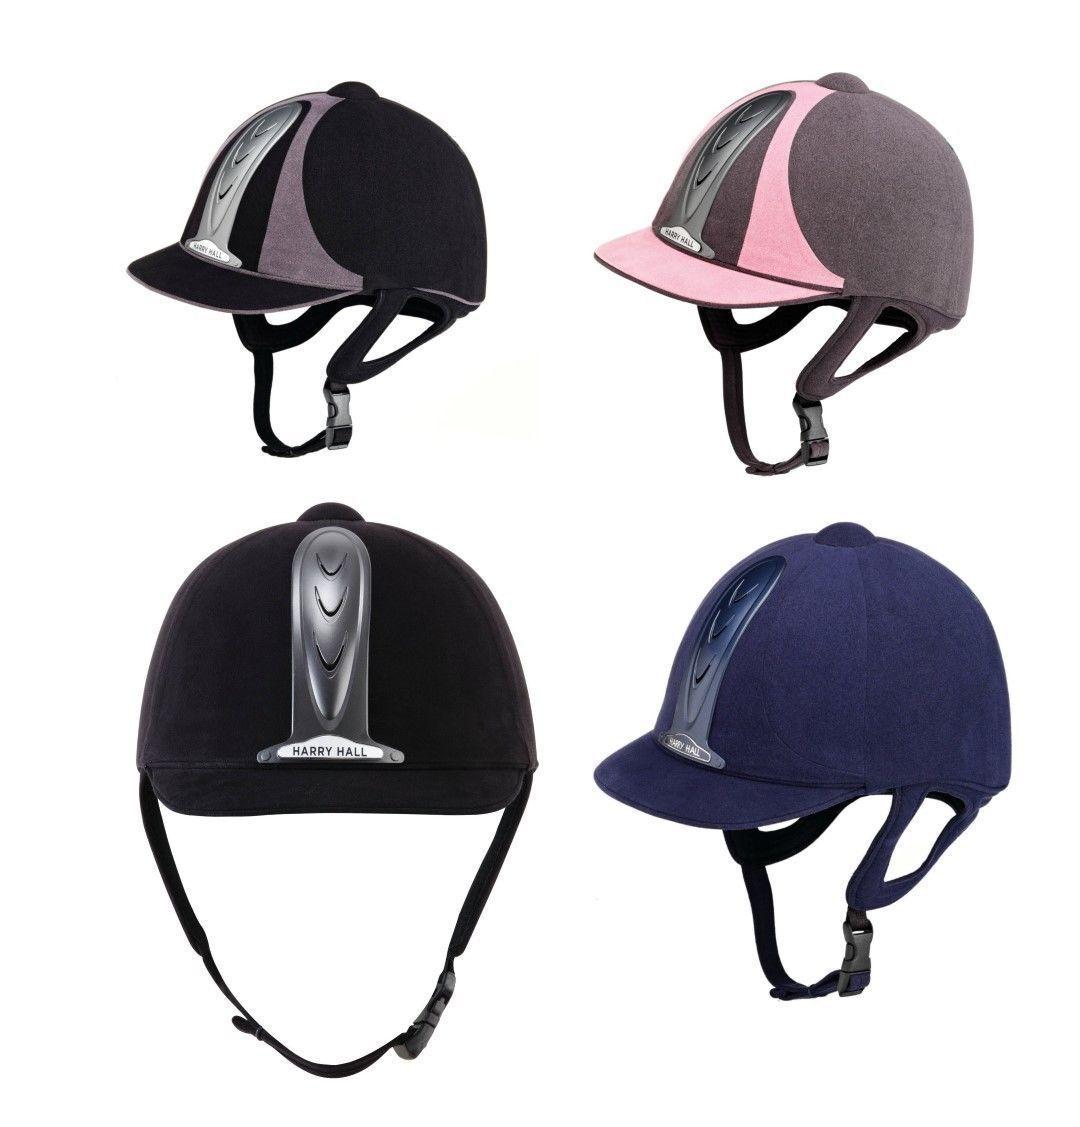 Nouveau Harry Hall Legend pas015.2011 équitation chapeau casque kitemarked